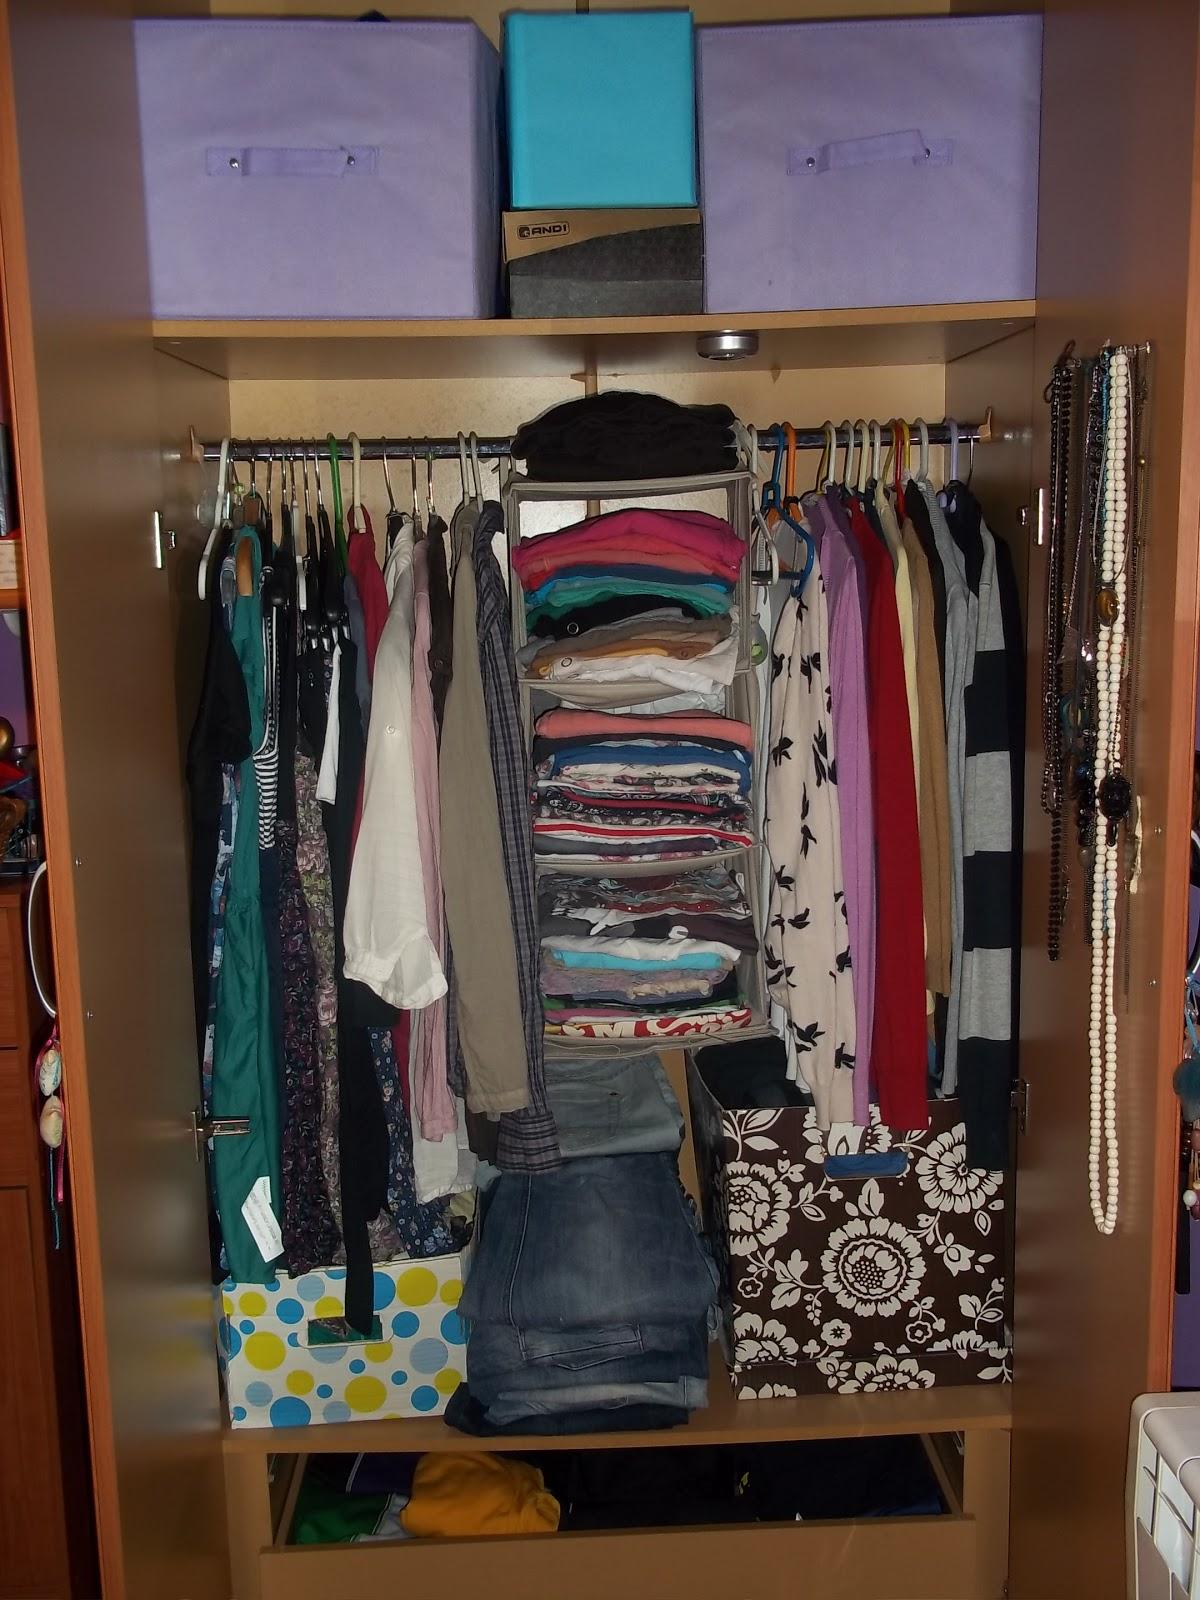 Organizar un armario peque o y con pocos servicios angie - Bricor armarios roperos ...